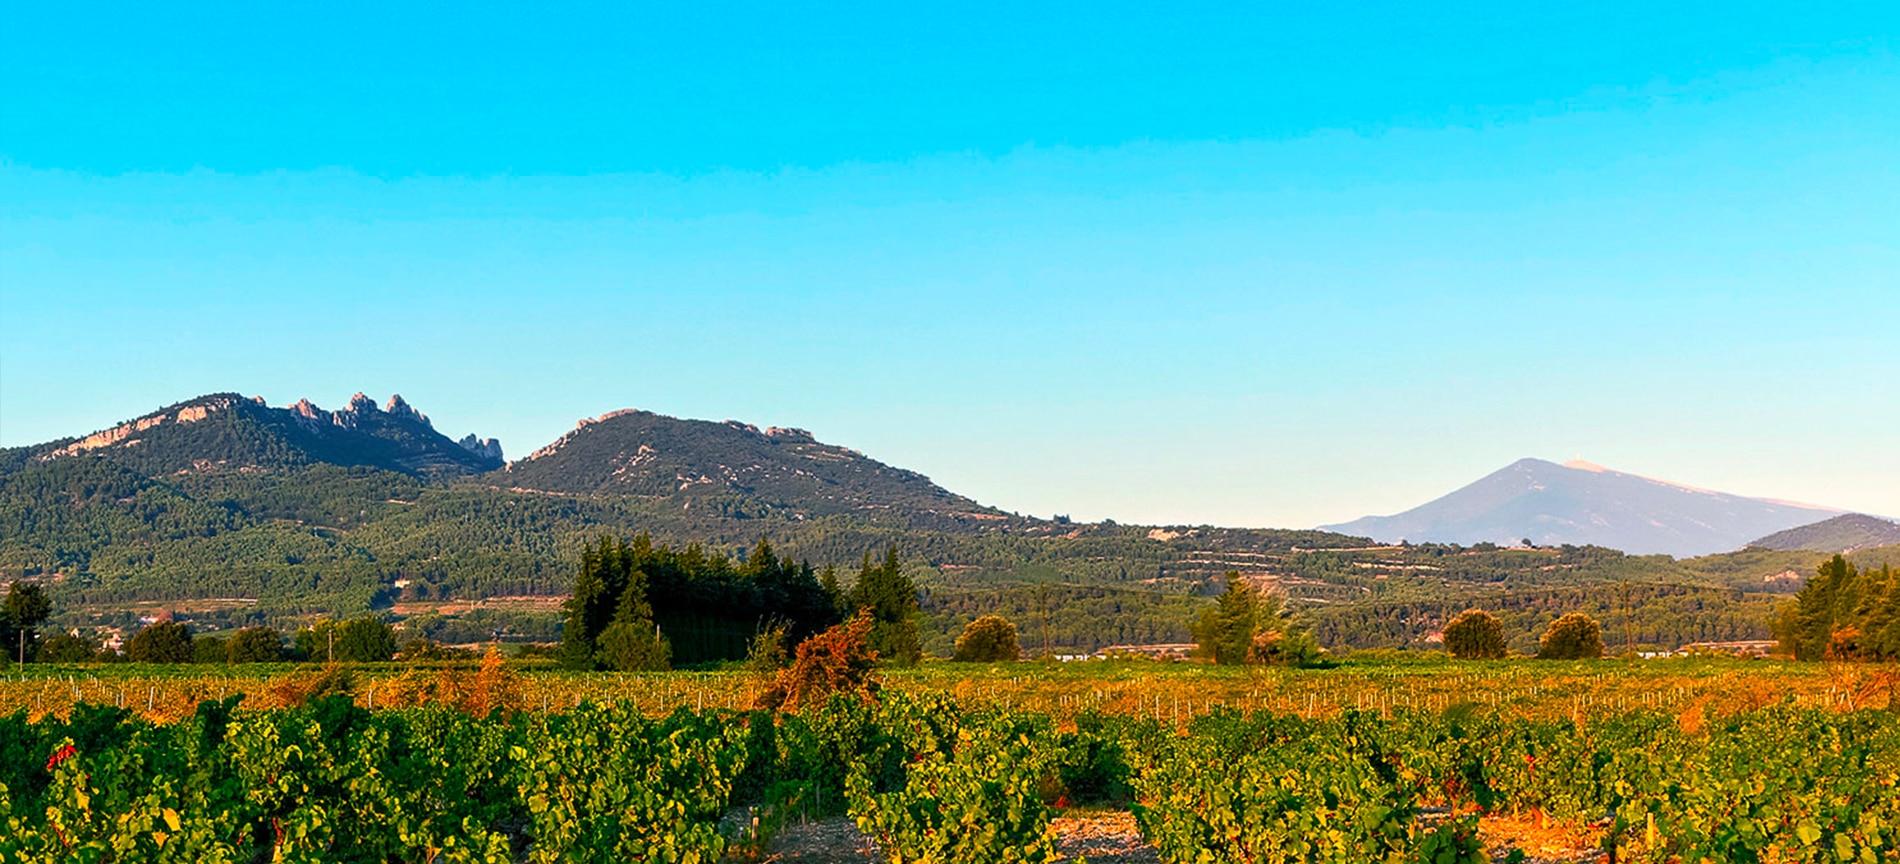 vignoble, domaine viticole, vin, vins